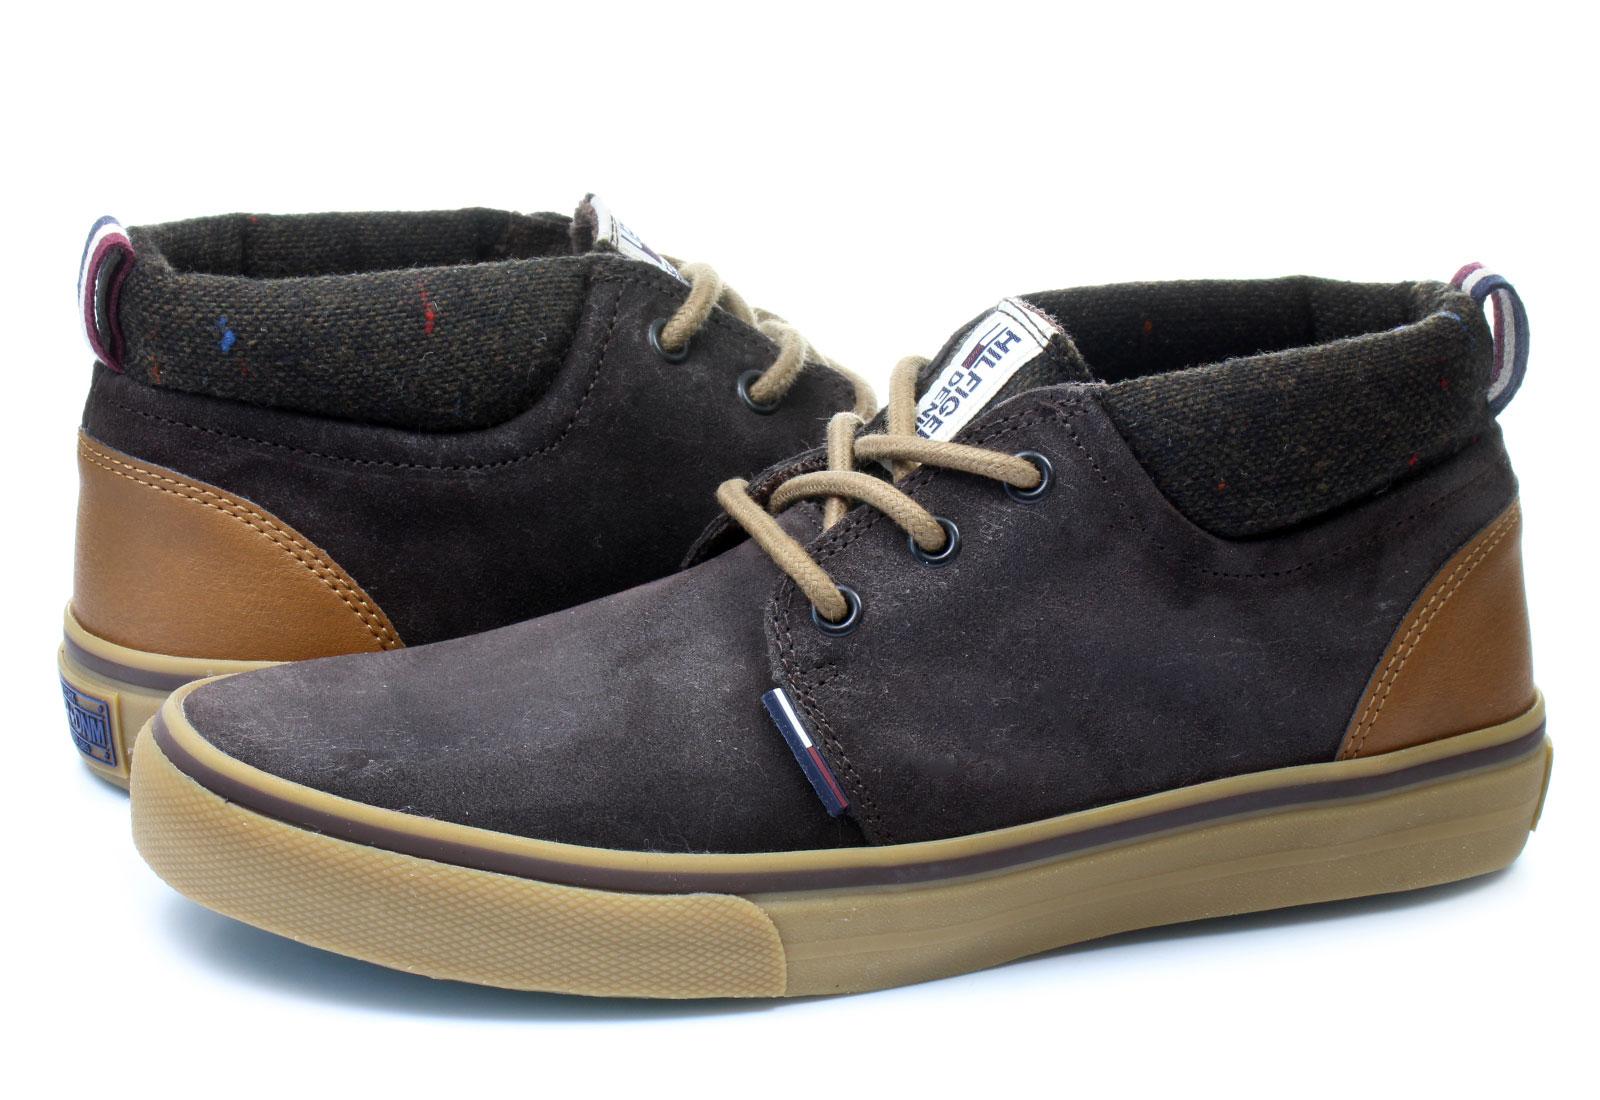 Tommy Hilfiger Cipő - Vic 5c2 - 16F-1535-212 - Office Shoes Magyarország 0d2961c3ee